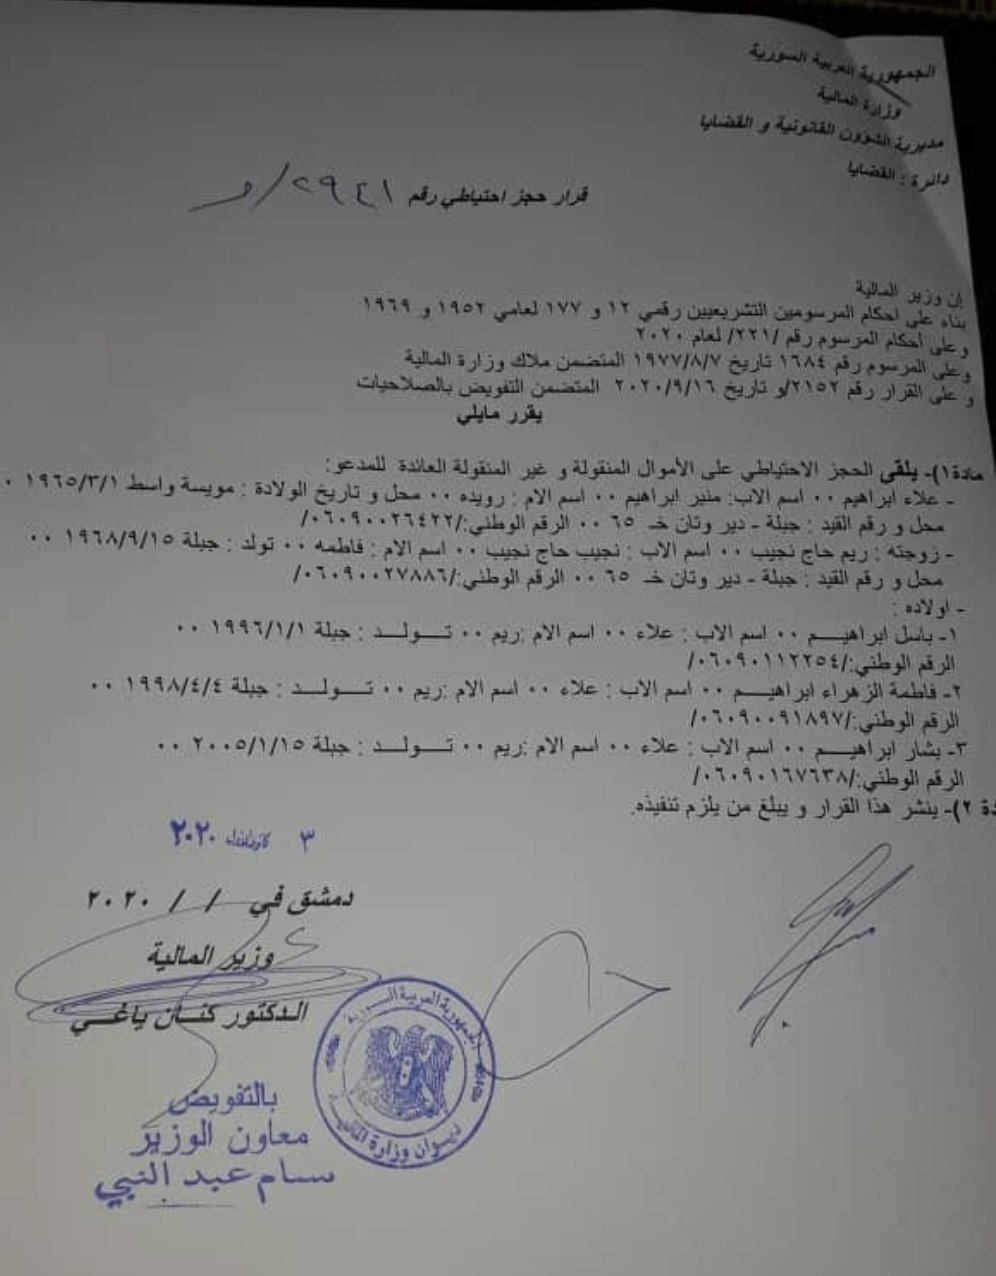 بيان لوزارة المالية السورية بإلقاء الحجز الاحتياطي على أموال محافظ دمشق السابق علاء منير إبراهيم وعائلته